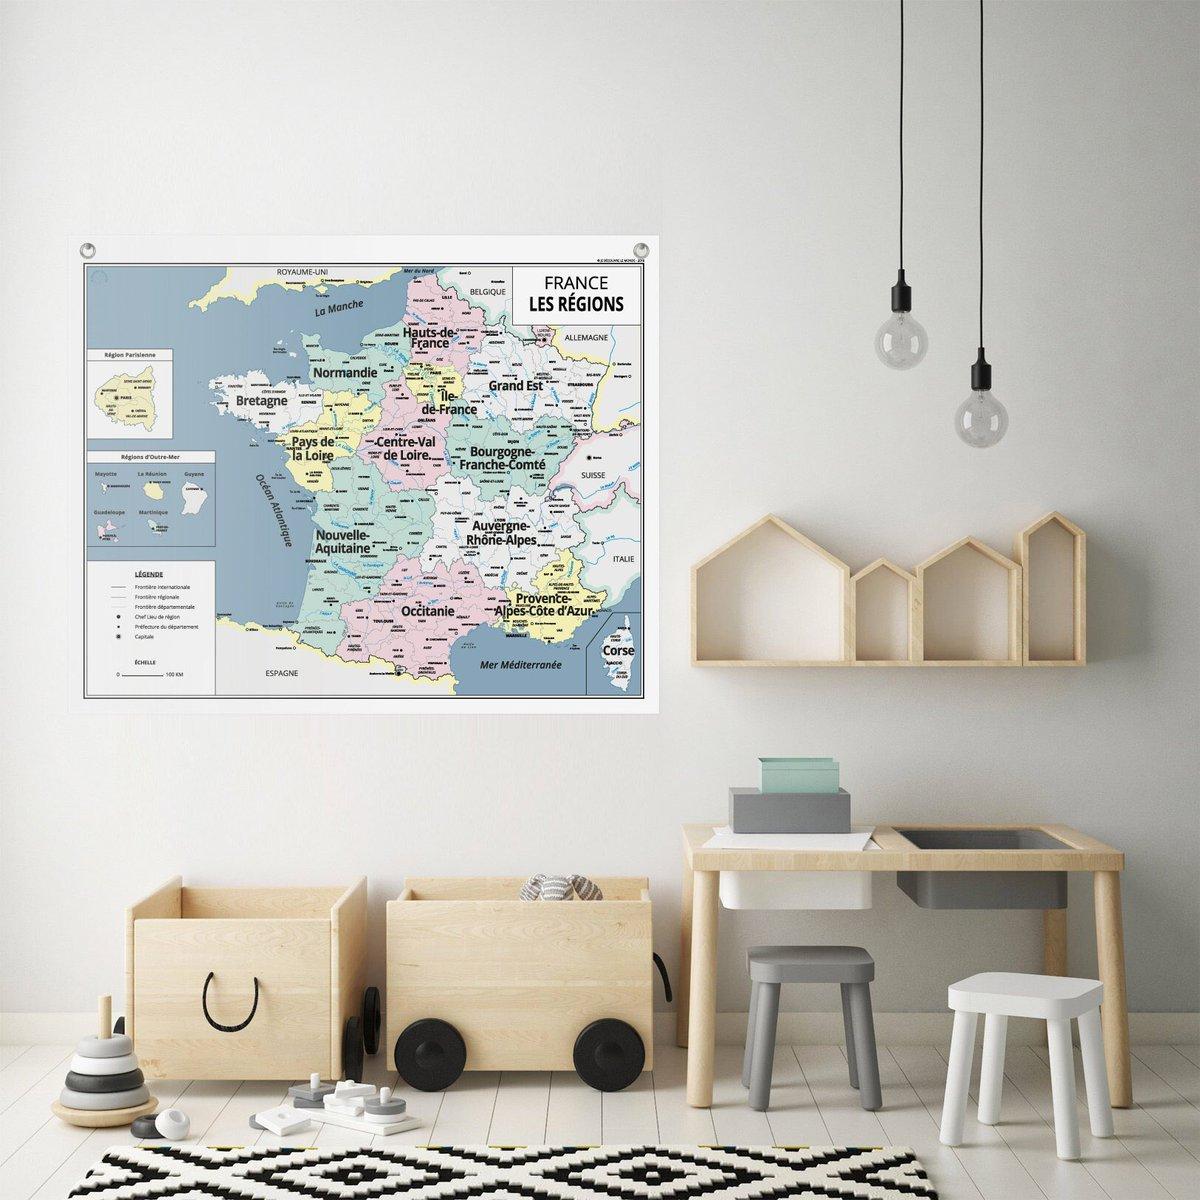 Cartemurale Hashtag On Twitter avec Carte Des 13 Nouvelles Régions De France